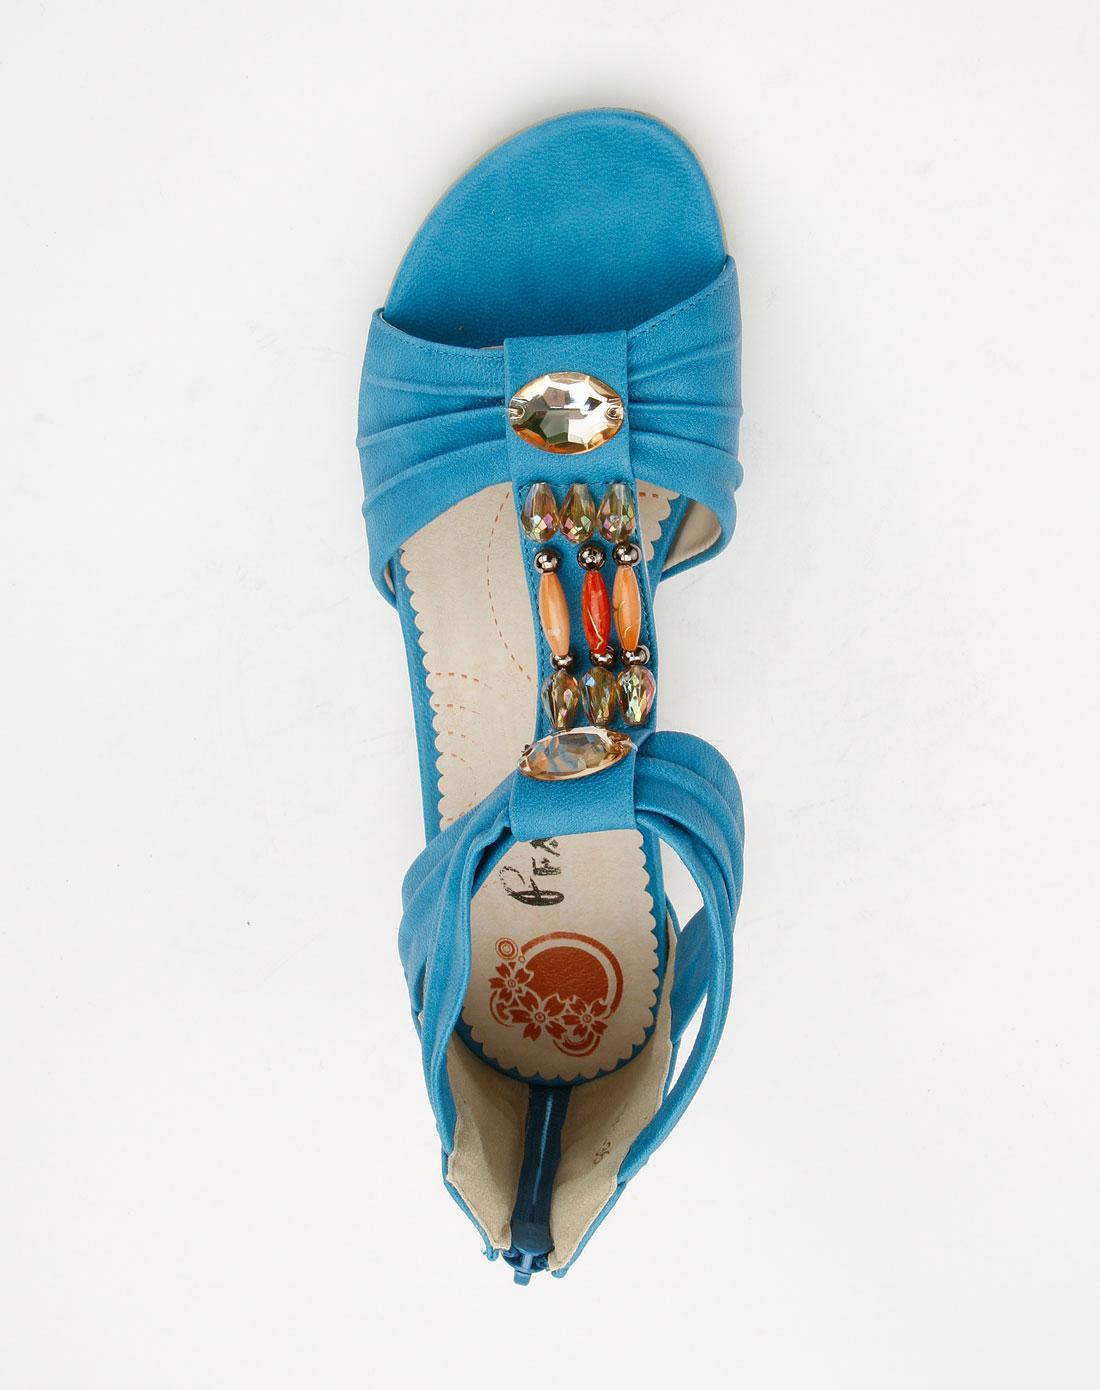 法索里fasoli女鞋专场-蓝色闪石时尚休闲凉鞋